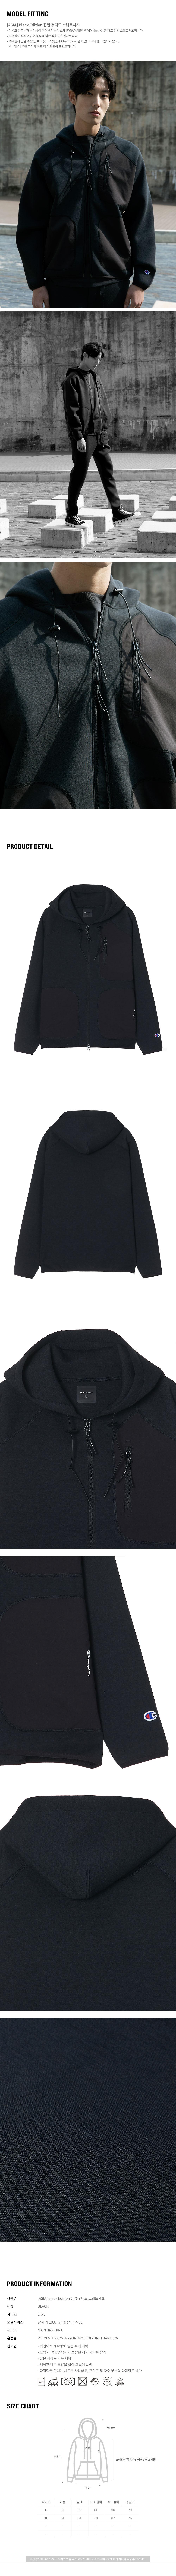 챔피온 재팬(CHAMPION JAPAN) [ASIA] Black Edition 집업 후디드 스웨트셔츠 (BLACK) CKTS1E721BK